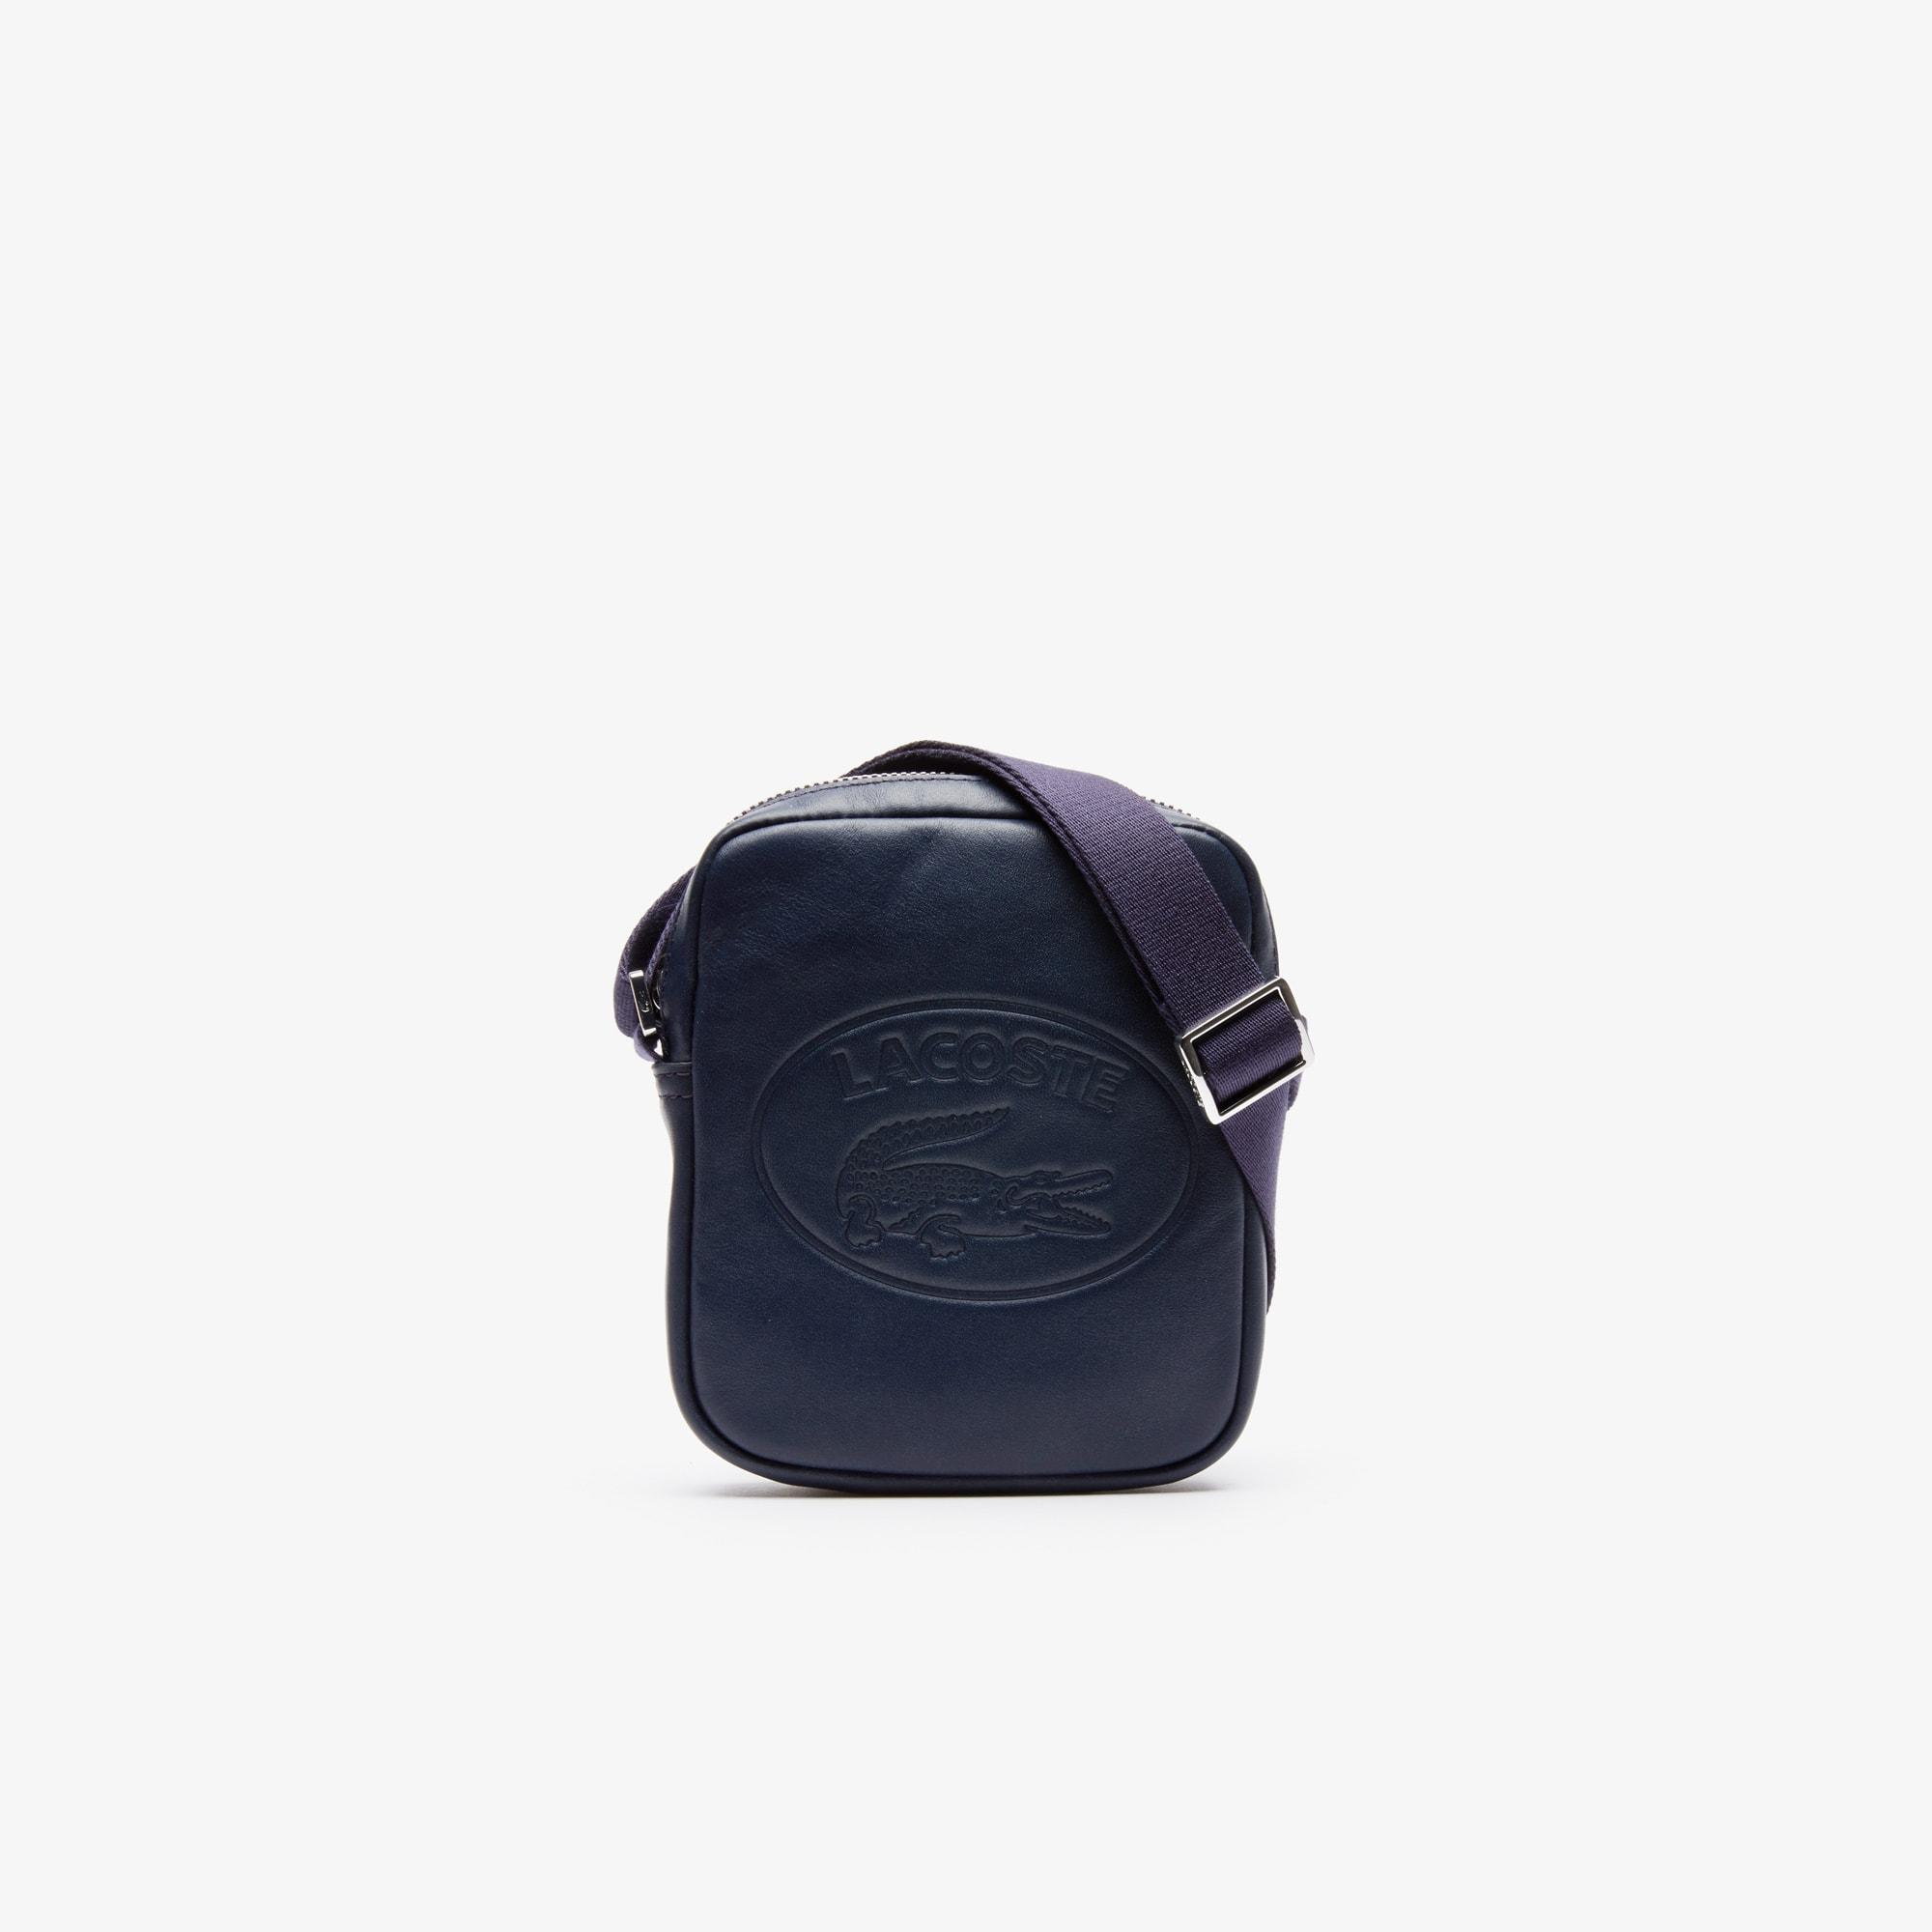 71352a67a Men s Bags